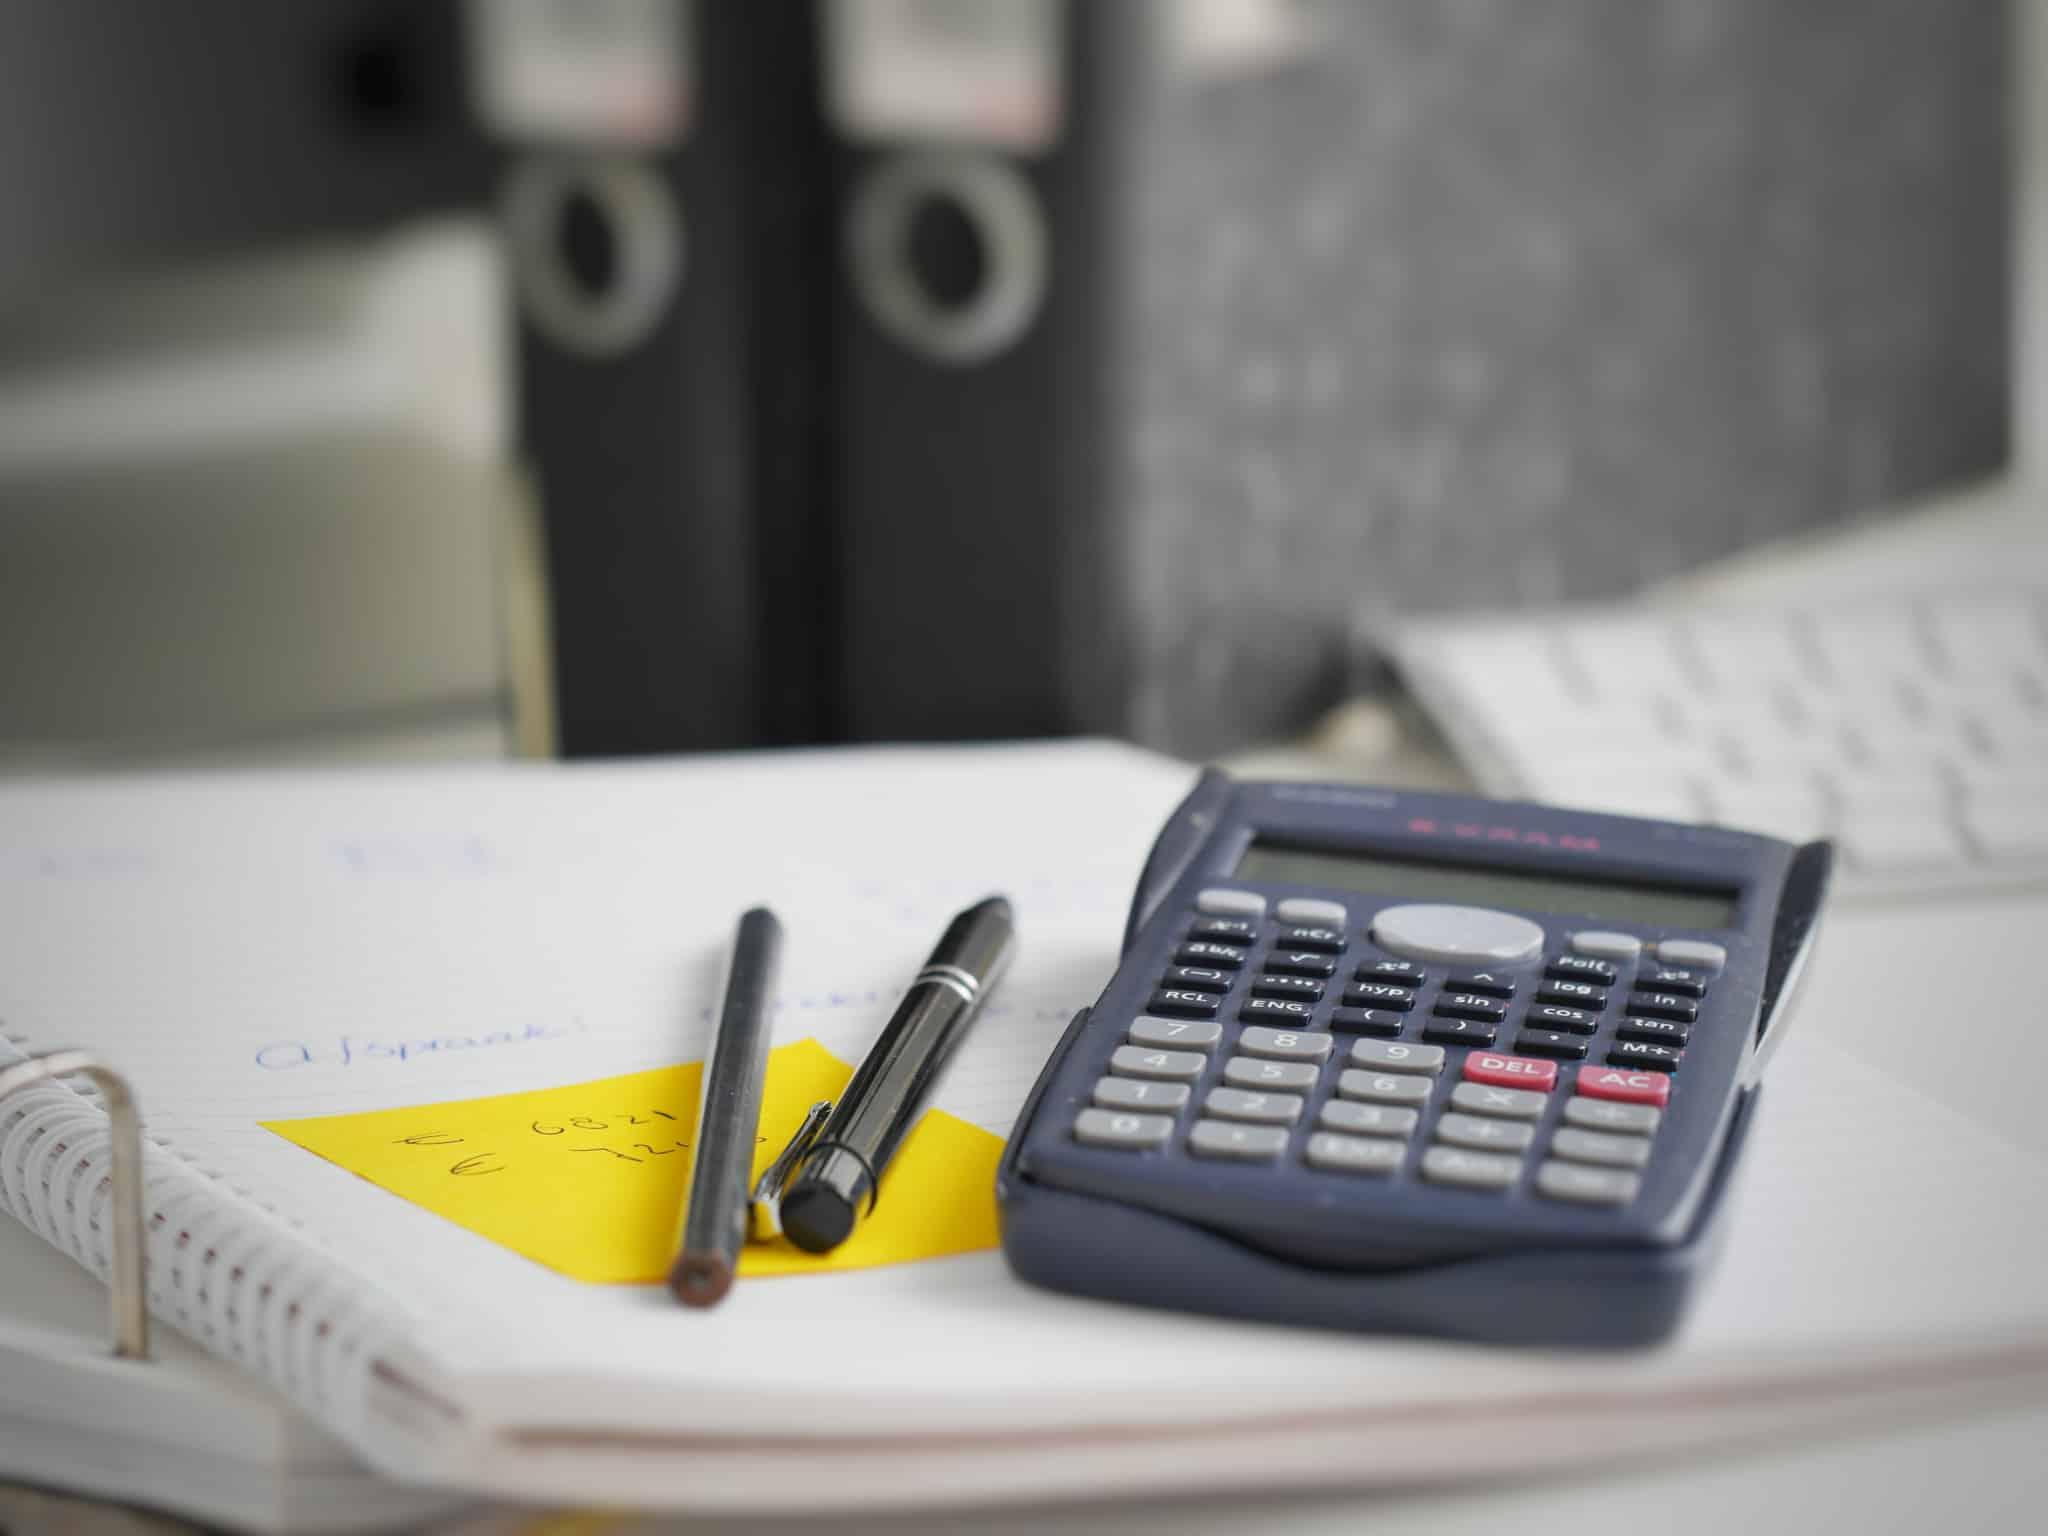 calculadora em cima de papeis de um dossier